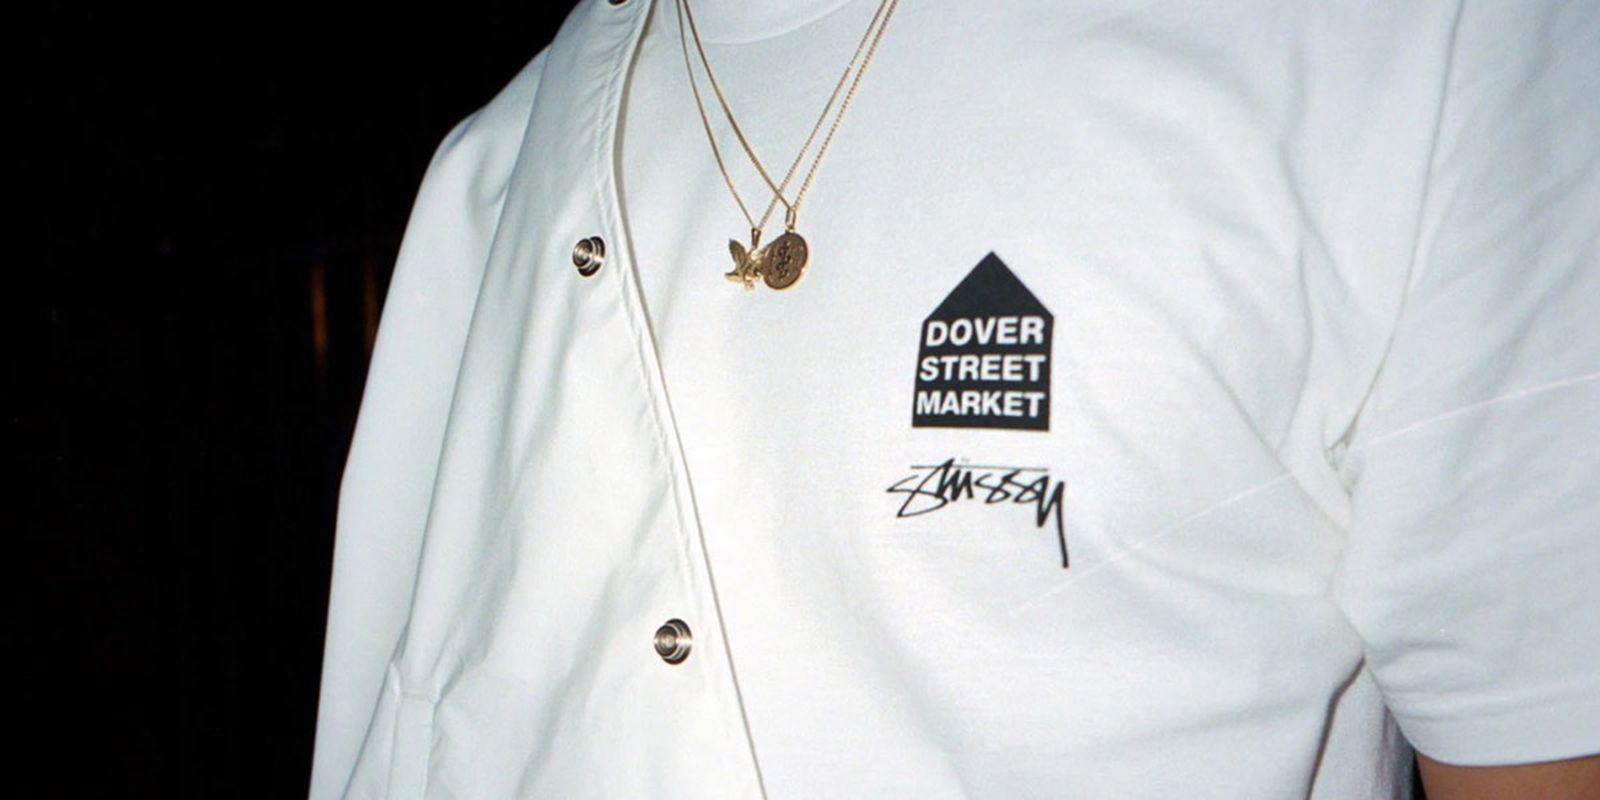 Stüssy comme des garcons dover street market